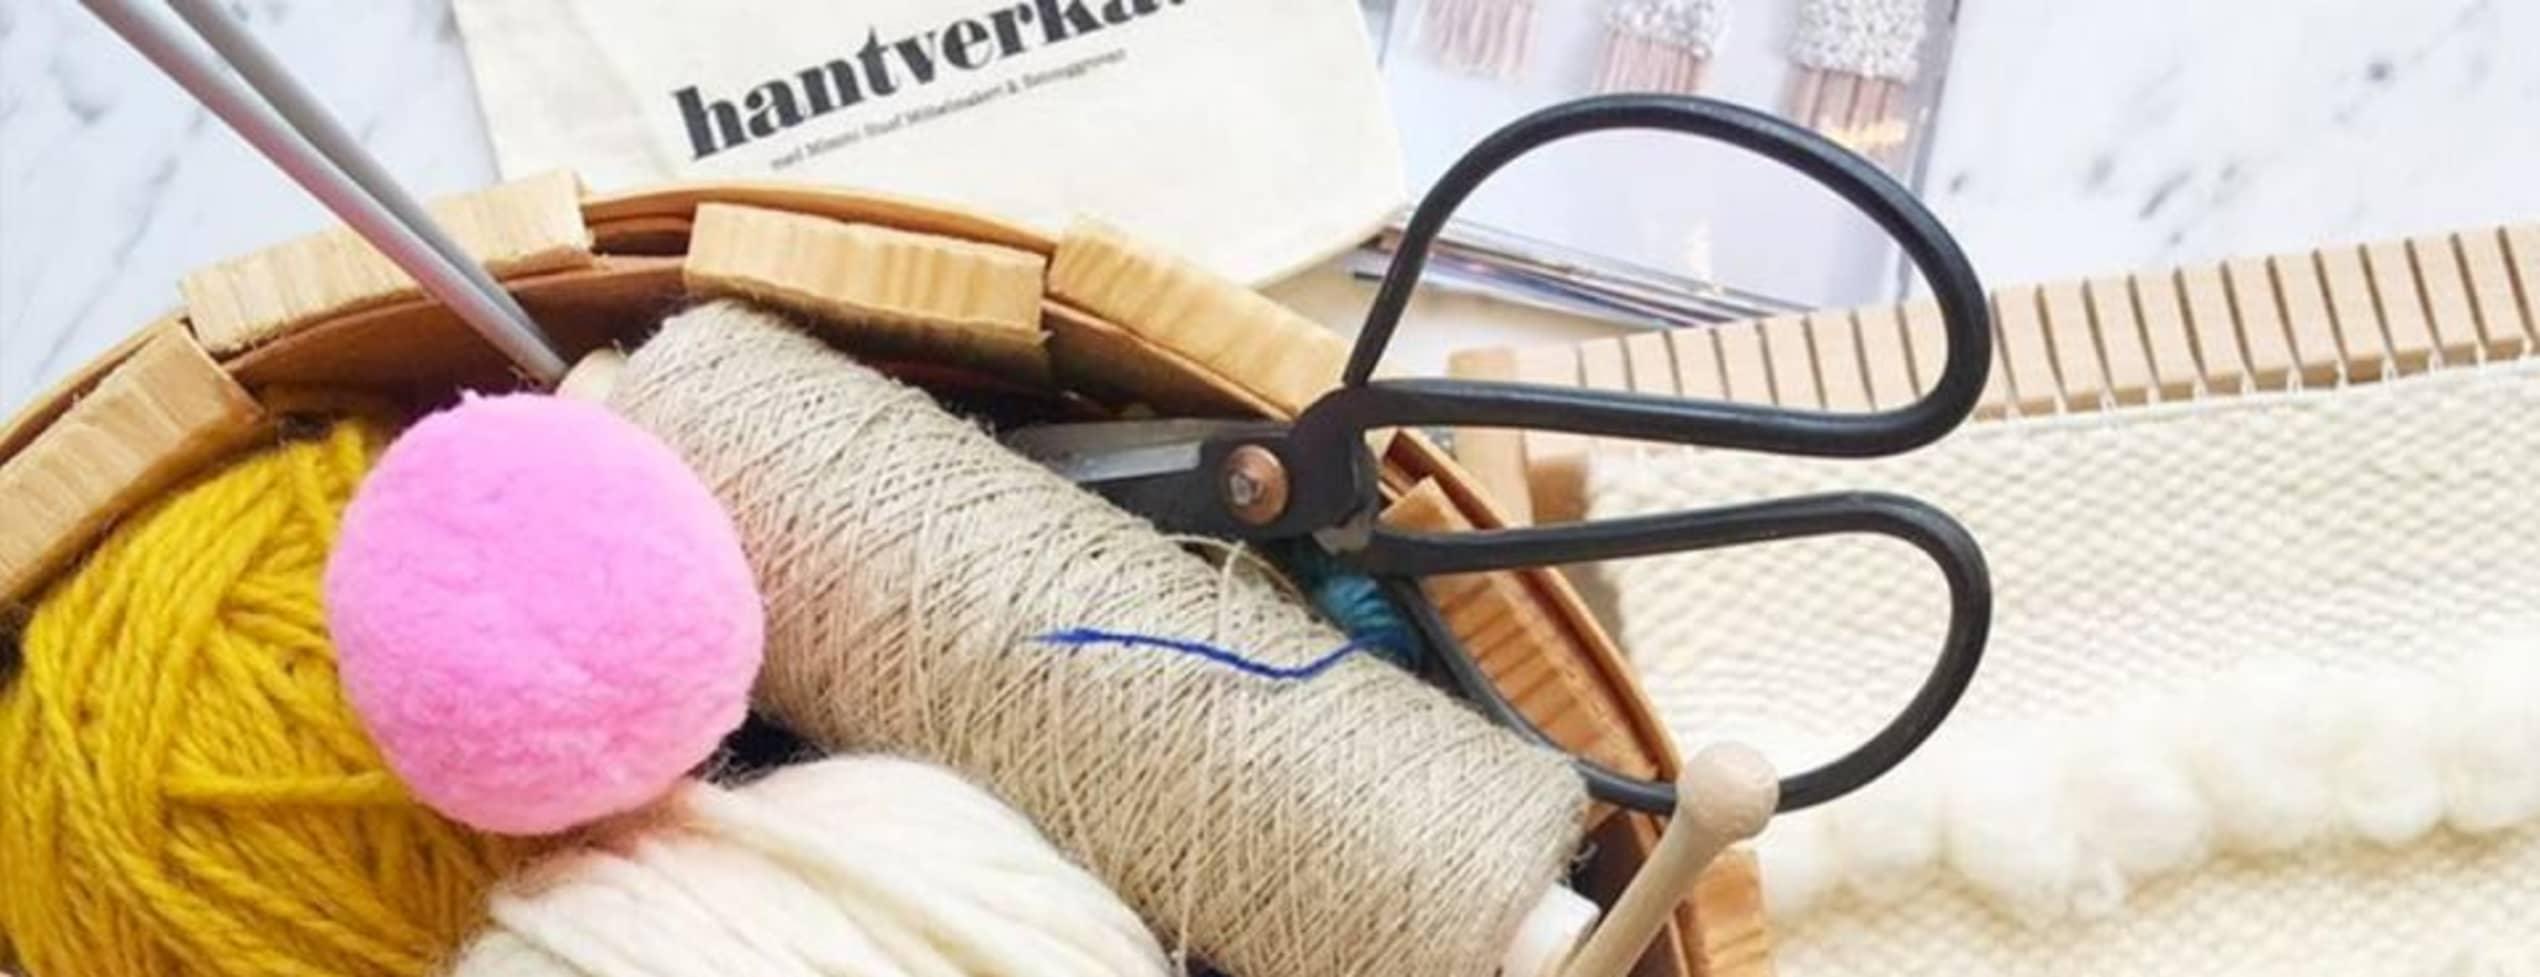 Master tapestry weaving